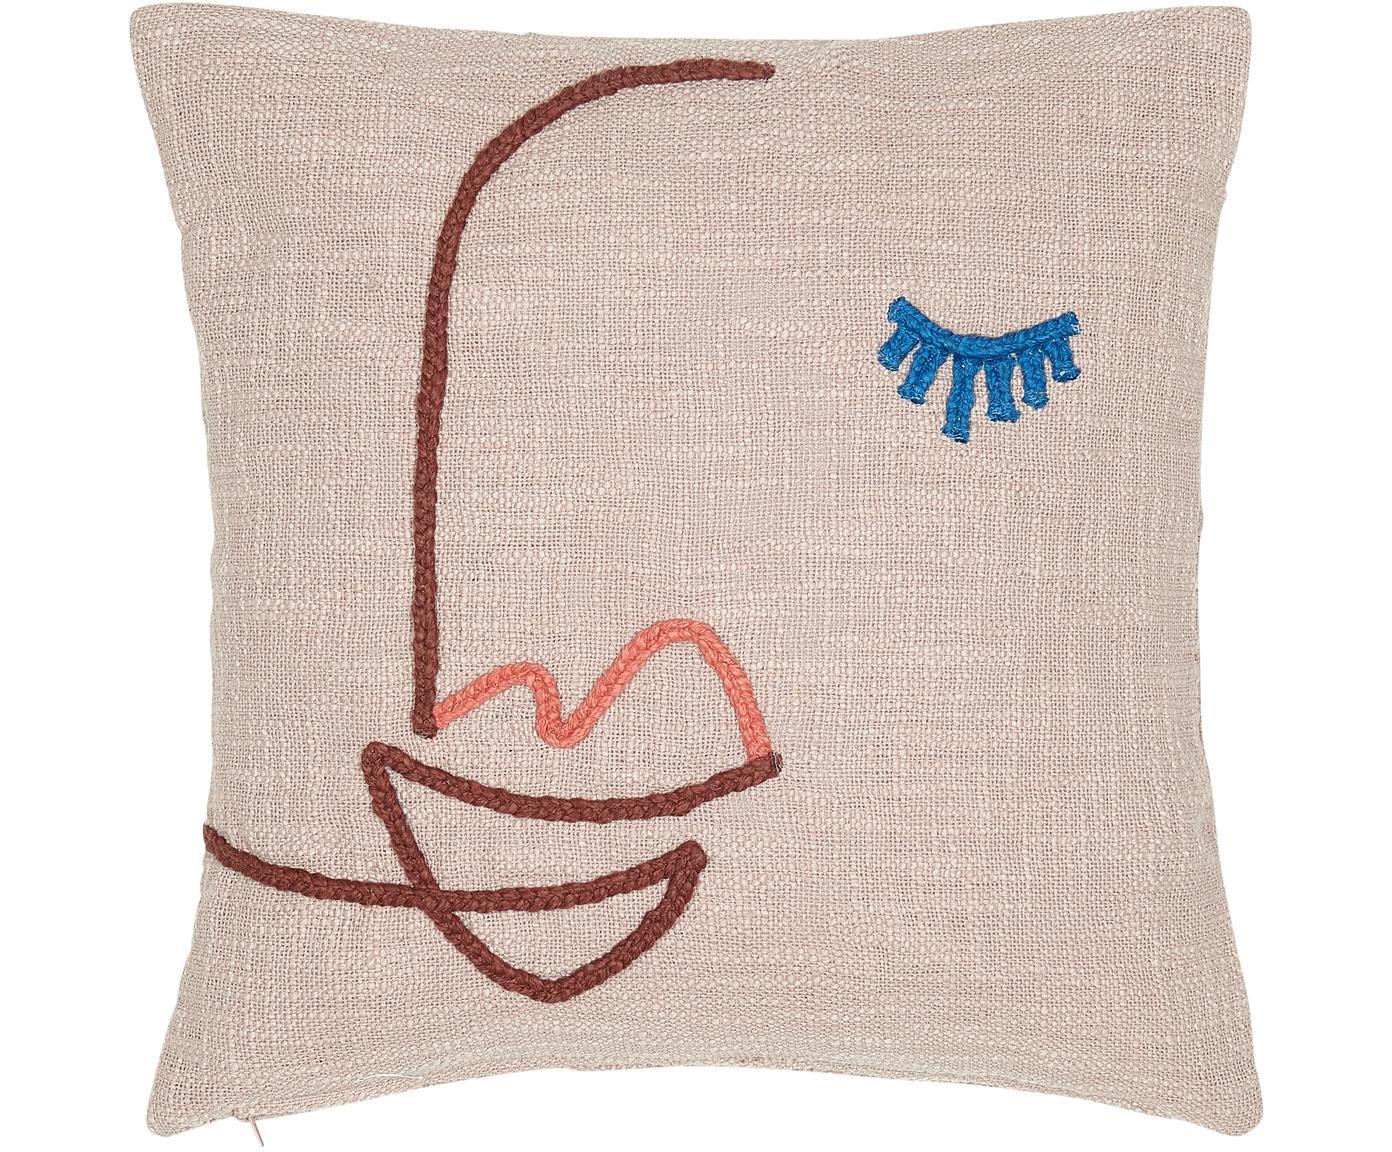 Kussenhoes Faces met abstracte borduurwerk, biokatoen, Biokatoen, Roze, donkerrood, blauw, 45 x 45 cm